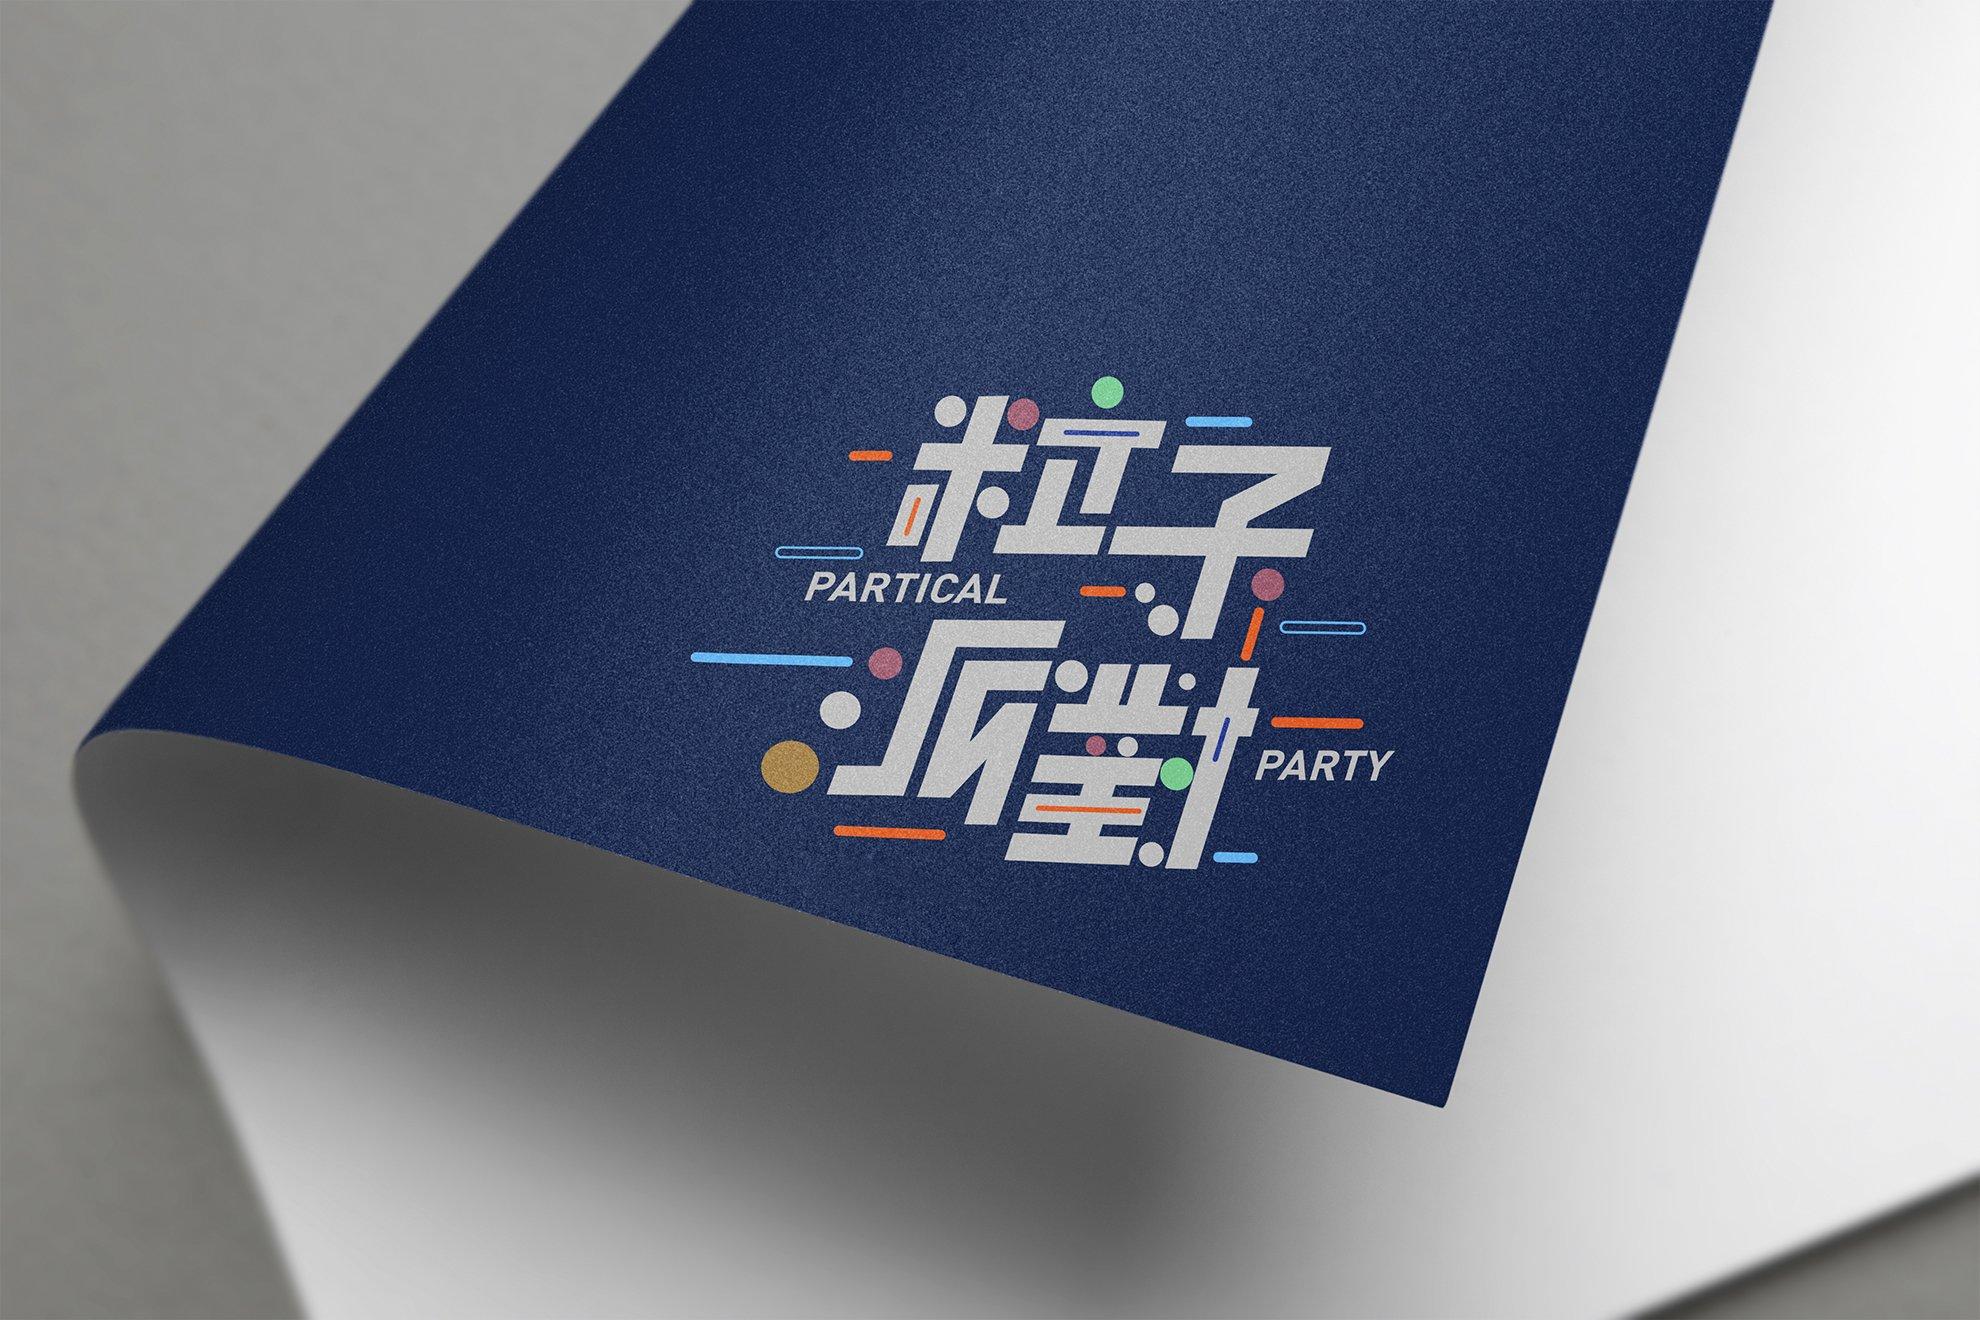 粒子派對影片製作 Partical Party 1